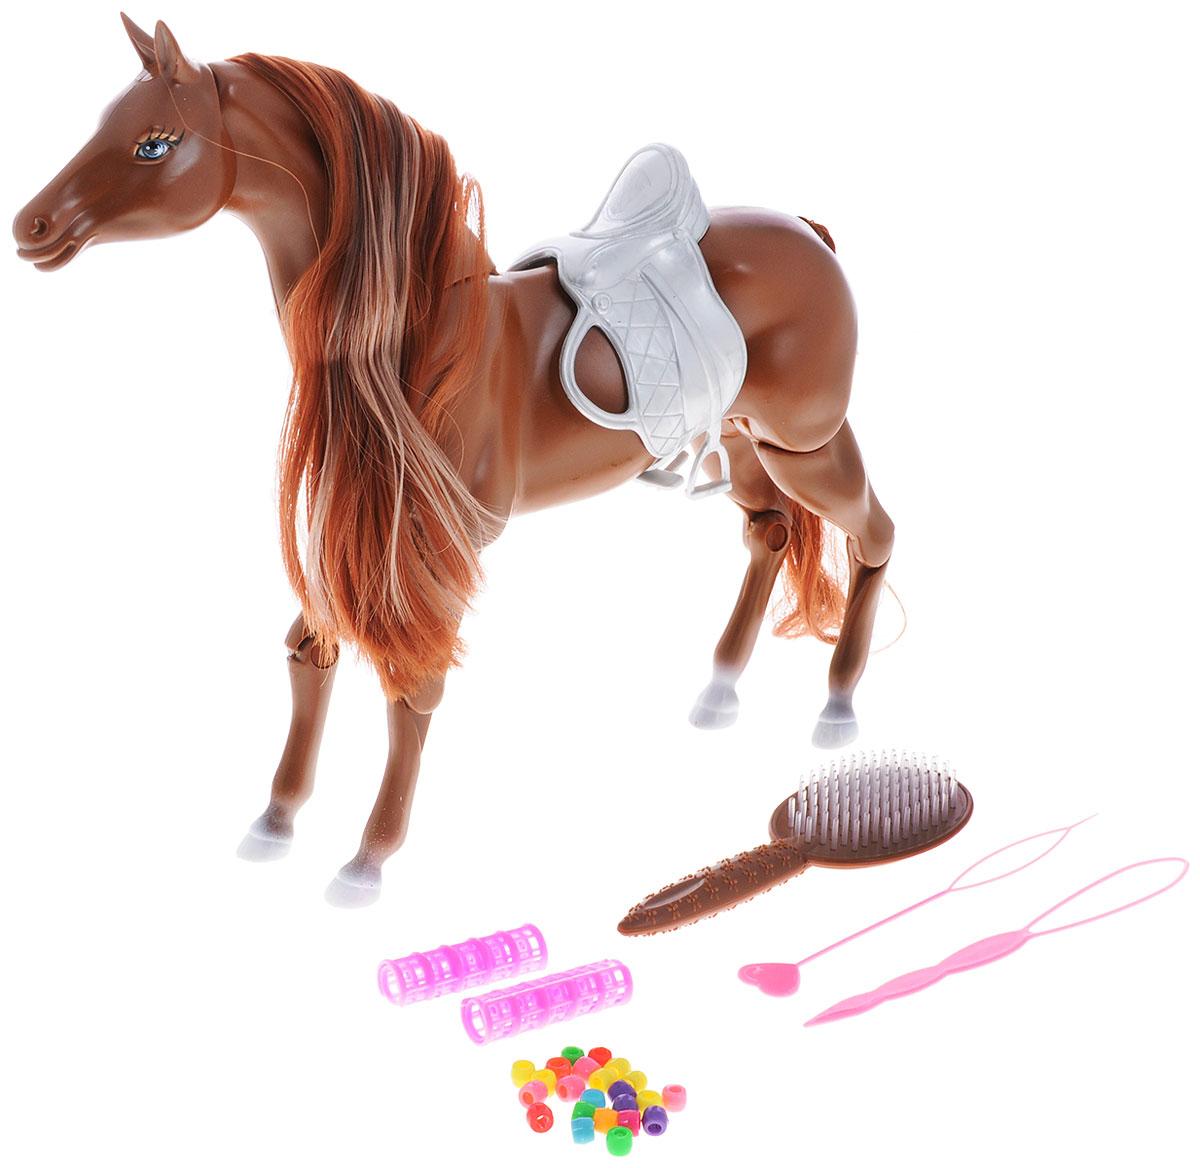 Defa Игрушка Лошадь цвет коричневый8011d_коричневыйИгрушечная лошадка от Defa станет отличным подарком для девочки. Красивая голубоглазая лошадка имеет шикарную коричневую гриву с розовой прядью и длинный хвост, которые нуждаются в постоянном уходе. Для ухода за волосами лошадки и создания причесок в комплекте идут разнообразные украшения для волос, расческа, бигуди, 2 специальных инструмента. Гриву и хвост можно расчесывать, заплетать в косички и хвостики и украшать. Цвет волос лошадки меняется под воздействием теплого воздуха - для этой цели можно использовать обычный фен. Голова, шея, конечности лошадки подвижны. Ваша малышка будет проводить многие часы за игрой с лошадкой. Сделайте ей такой замечательный подарок!